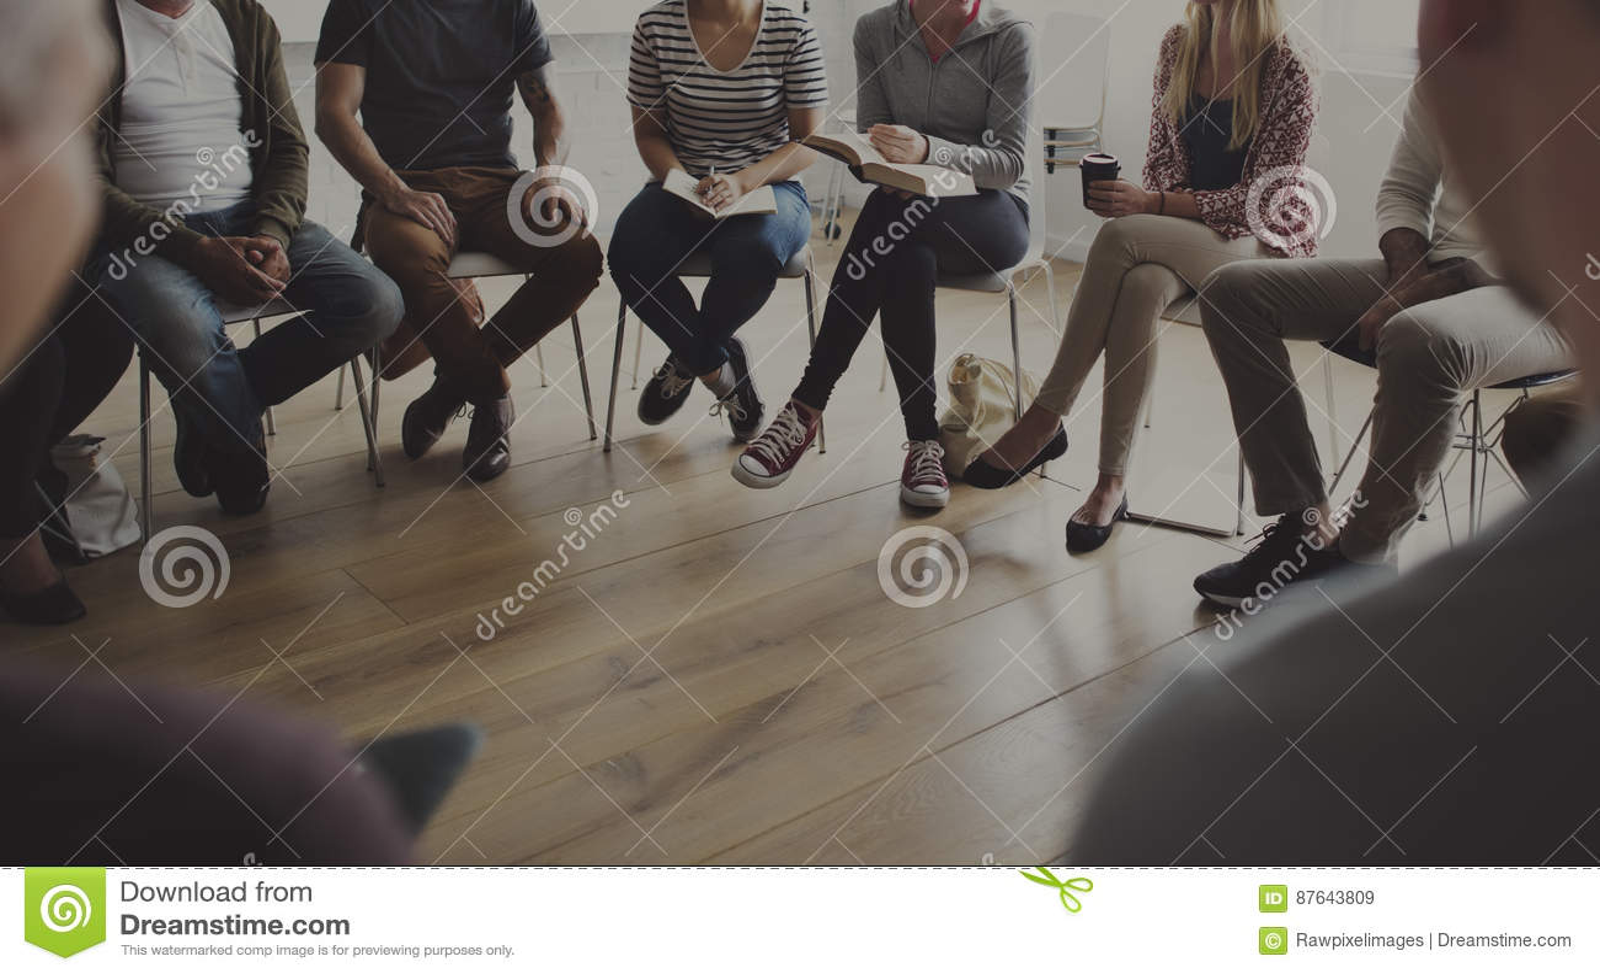 Folk som sitter i en cirkelrådgivning